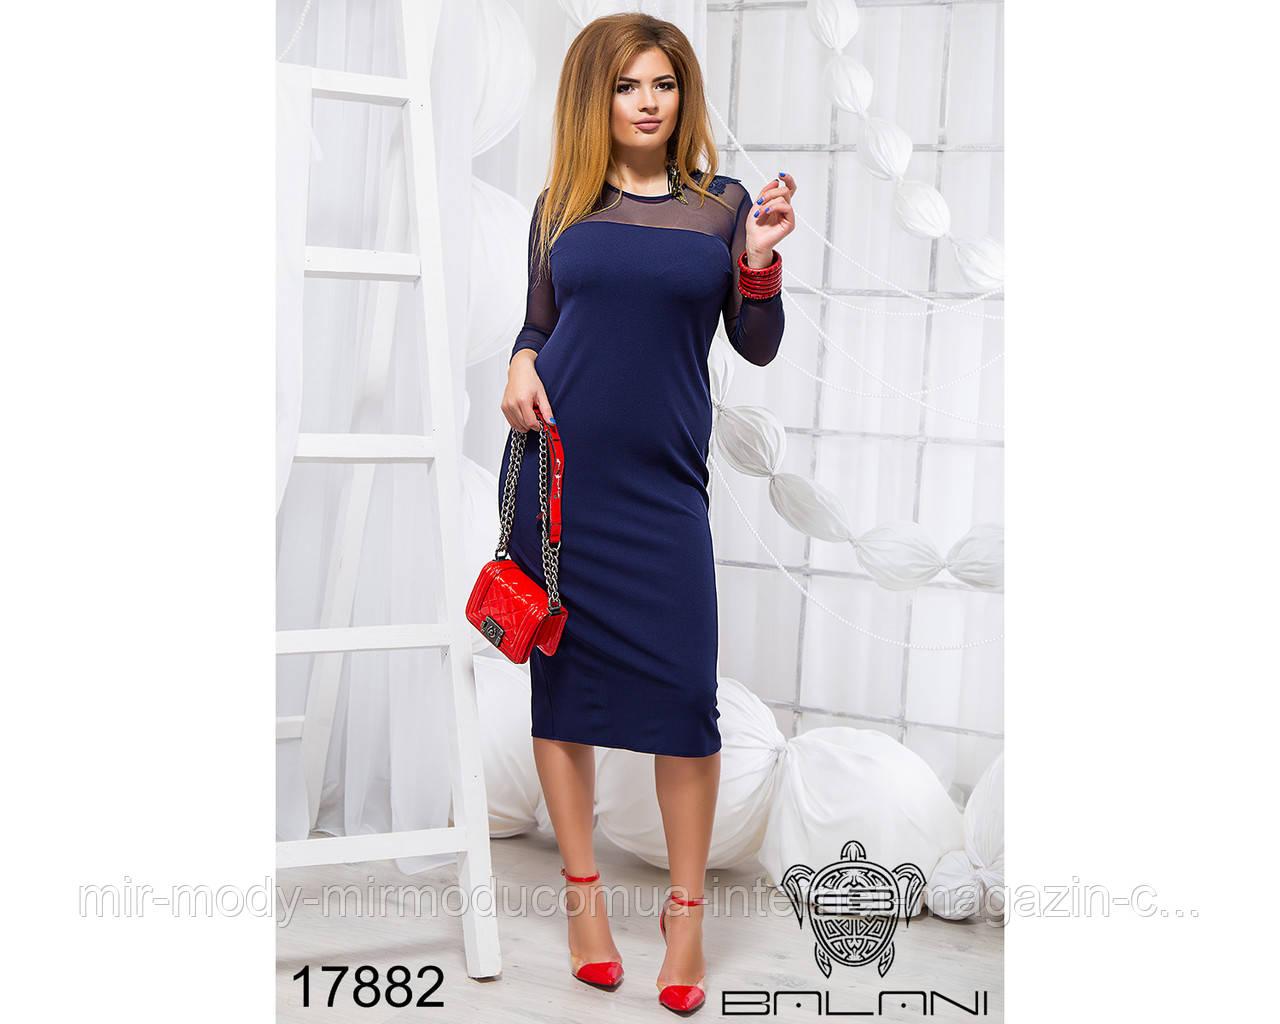 Элегантное платье - 17882 (б-ни)